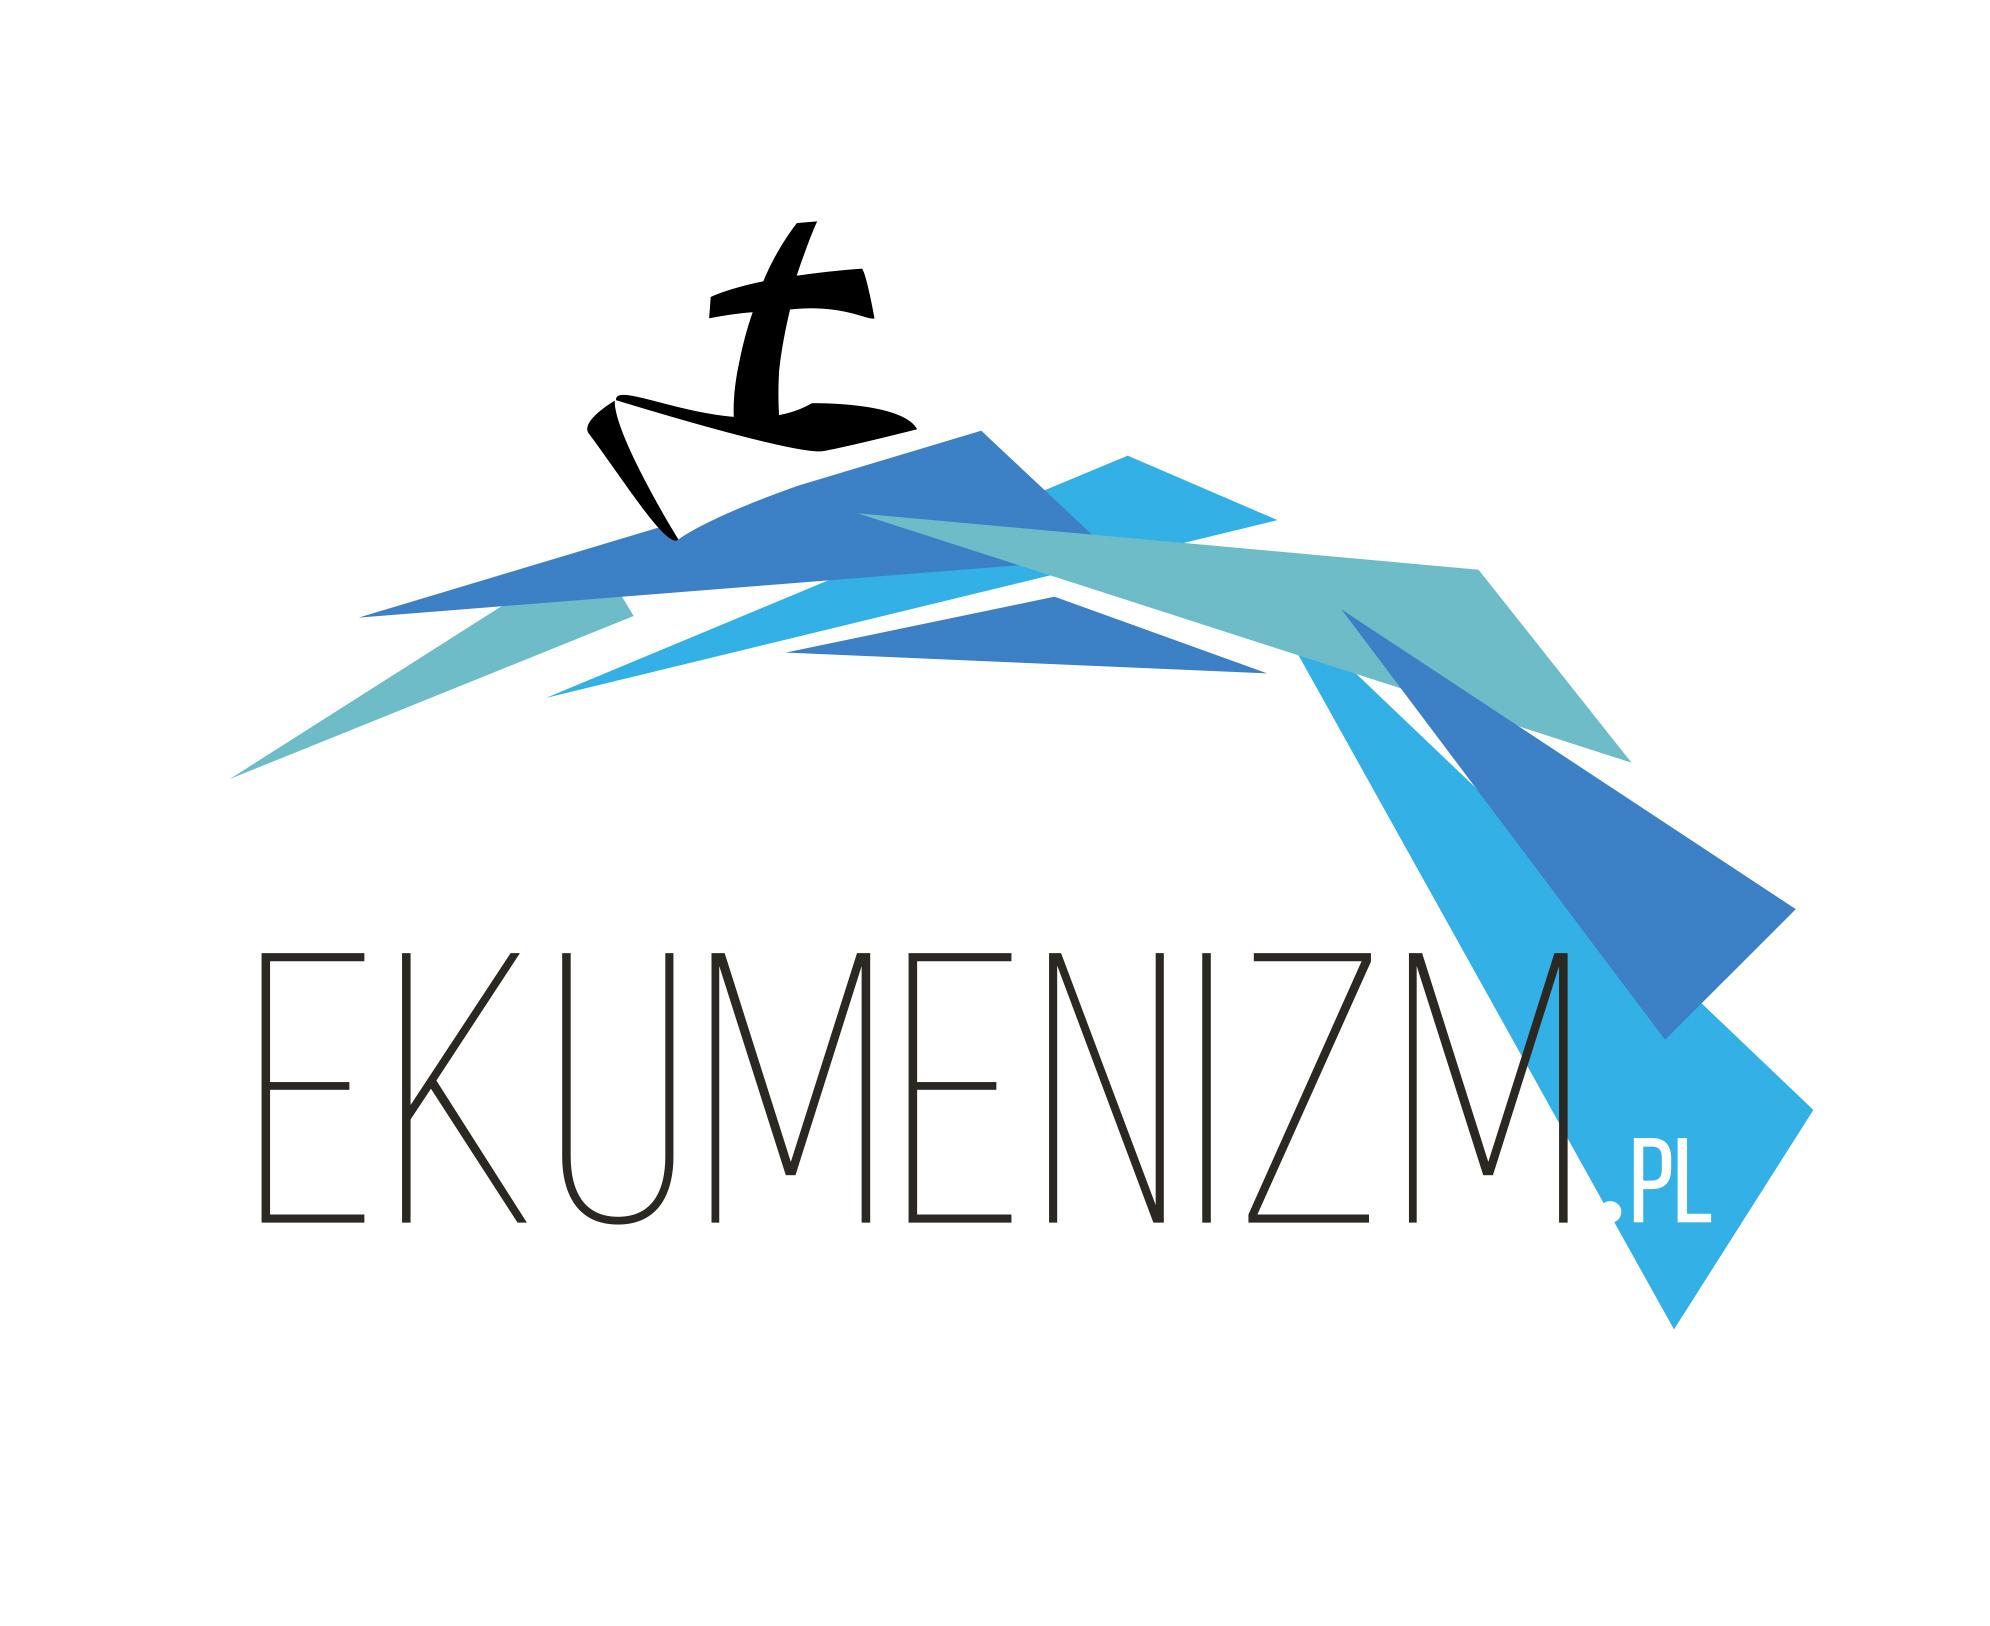 Ekumenizm.pl